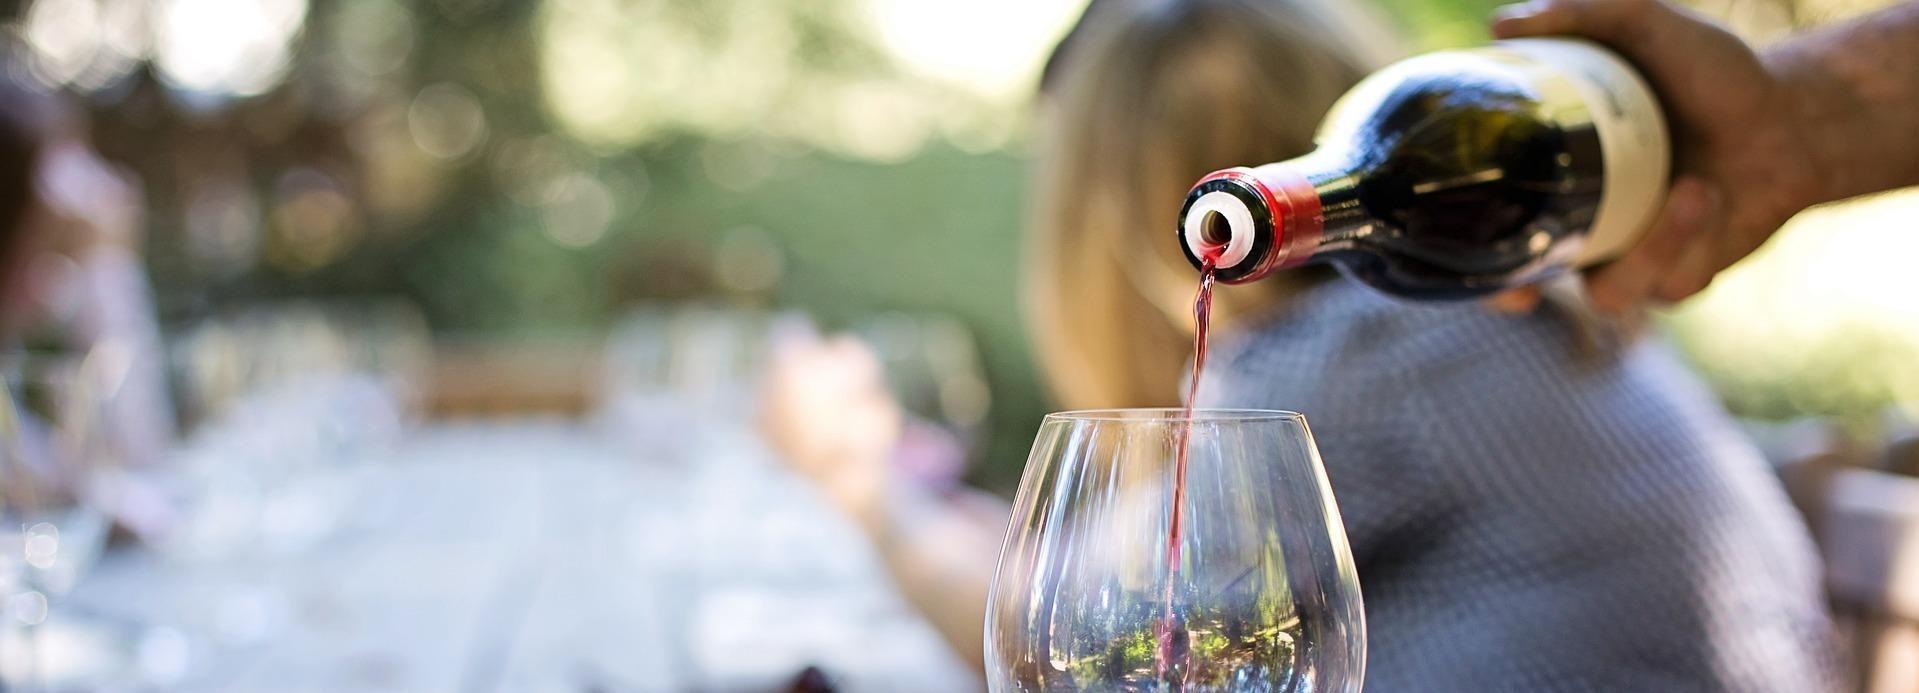 Eger: visita turística privada de día completo y tour del vino